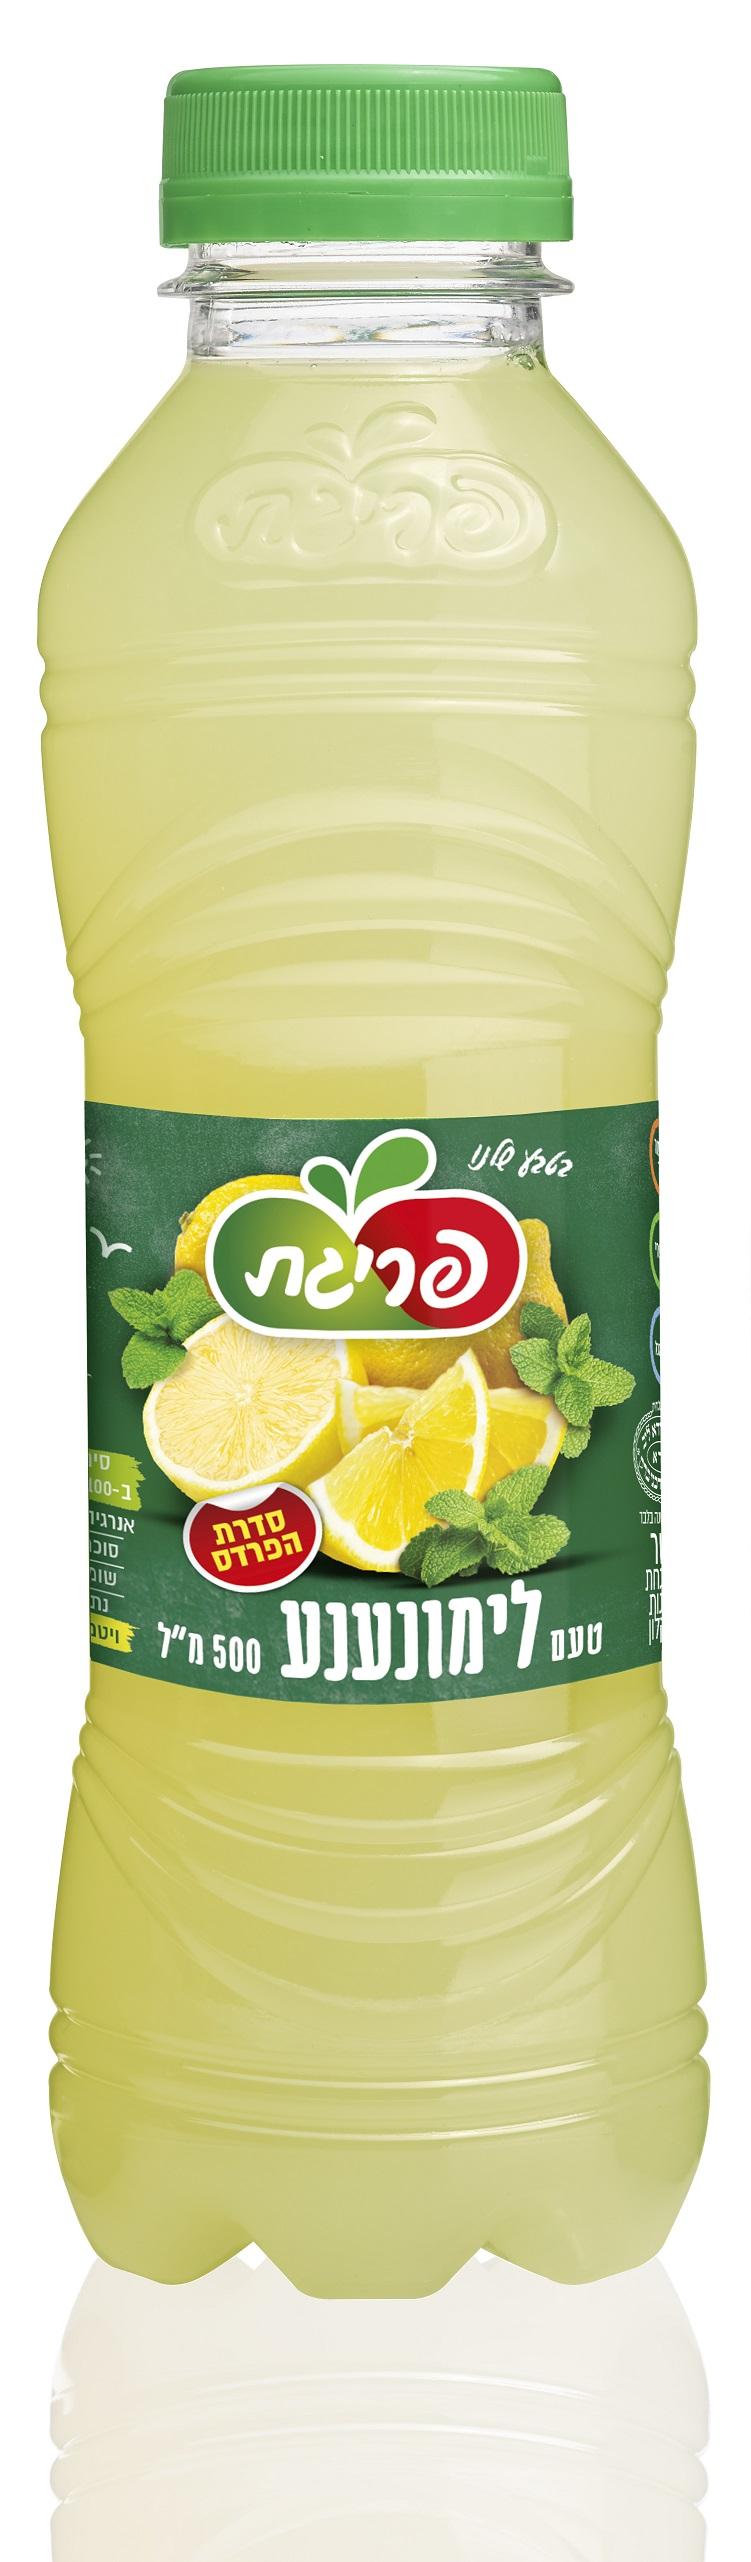 Prigat представляет: освежающий безалкогольный напиток «Лимонана» в удобной бутылке 500 мл